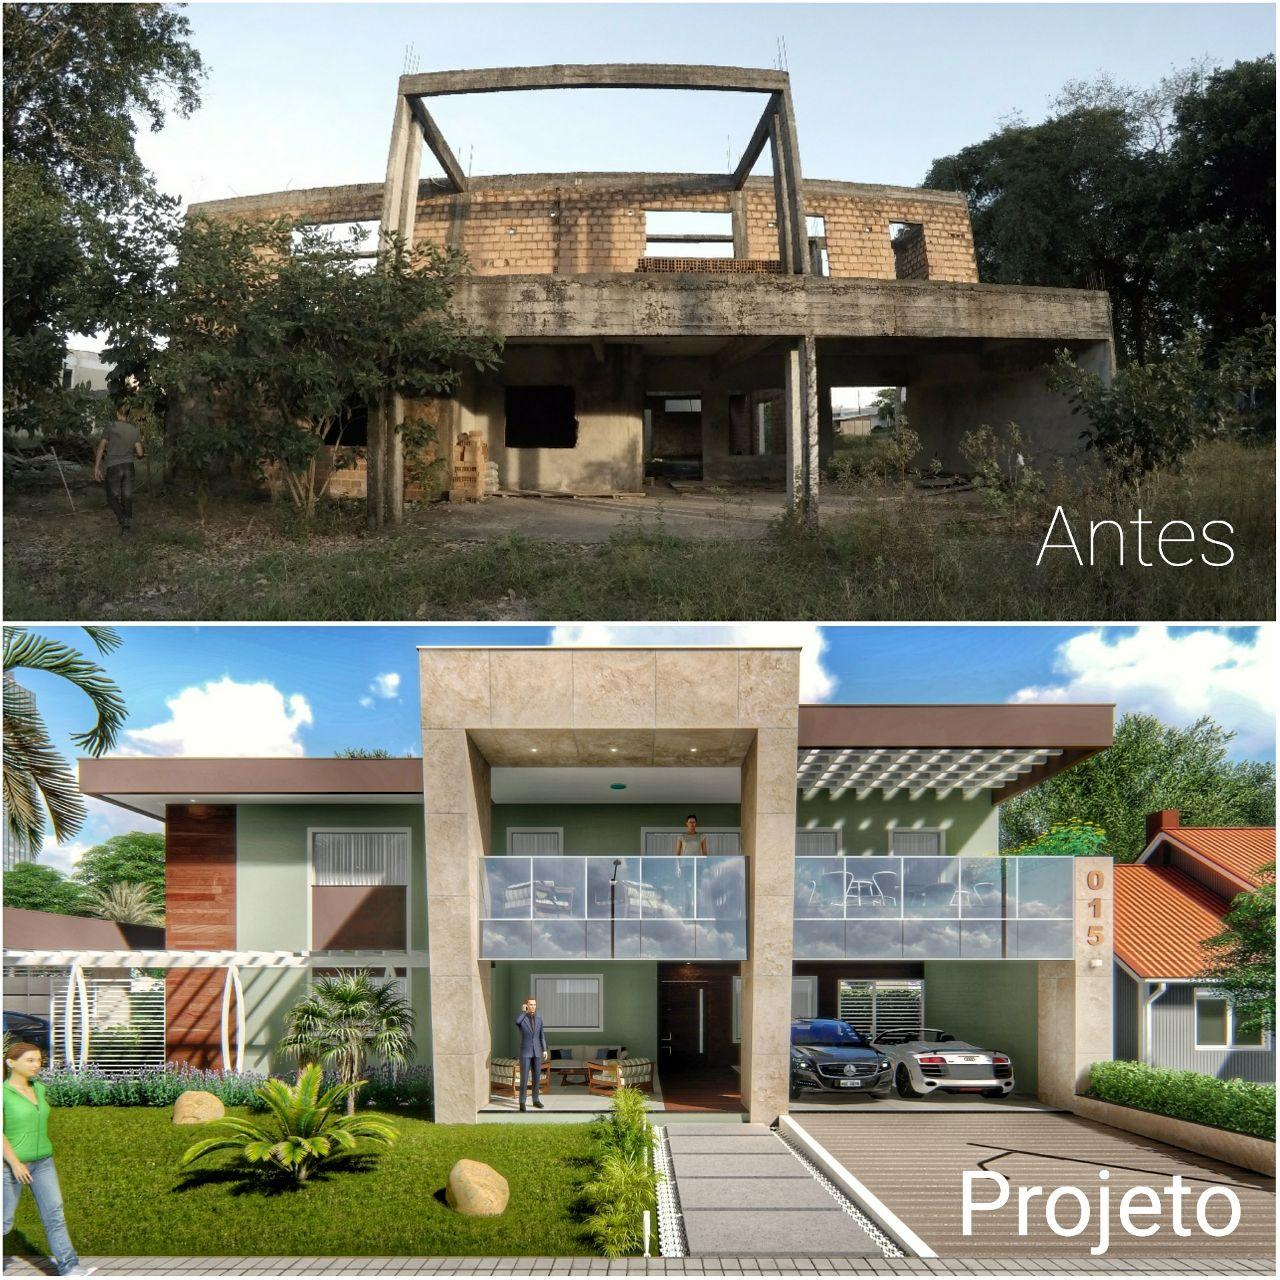 Antes e Projeto